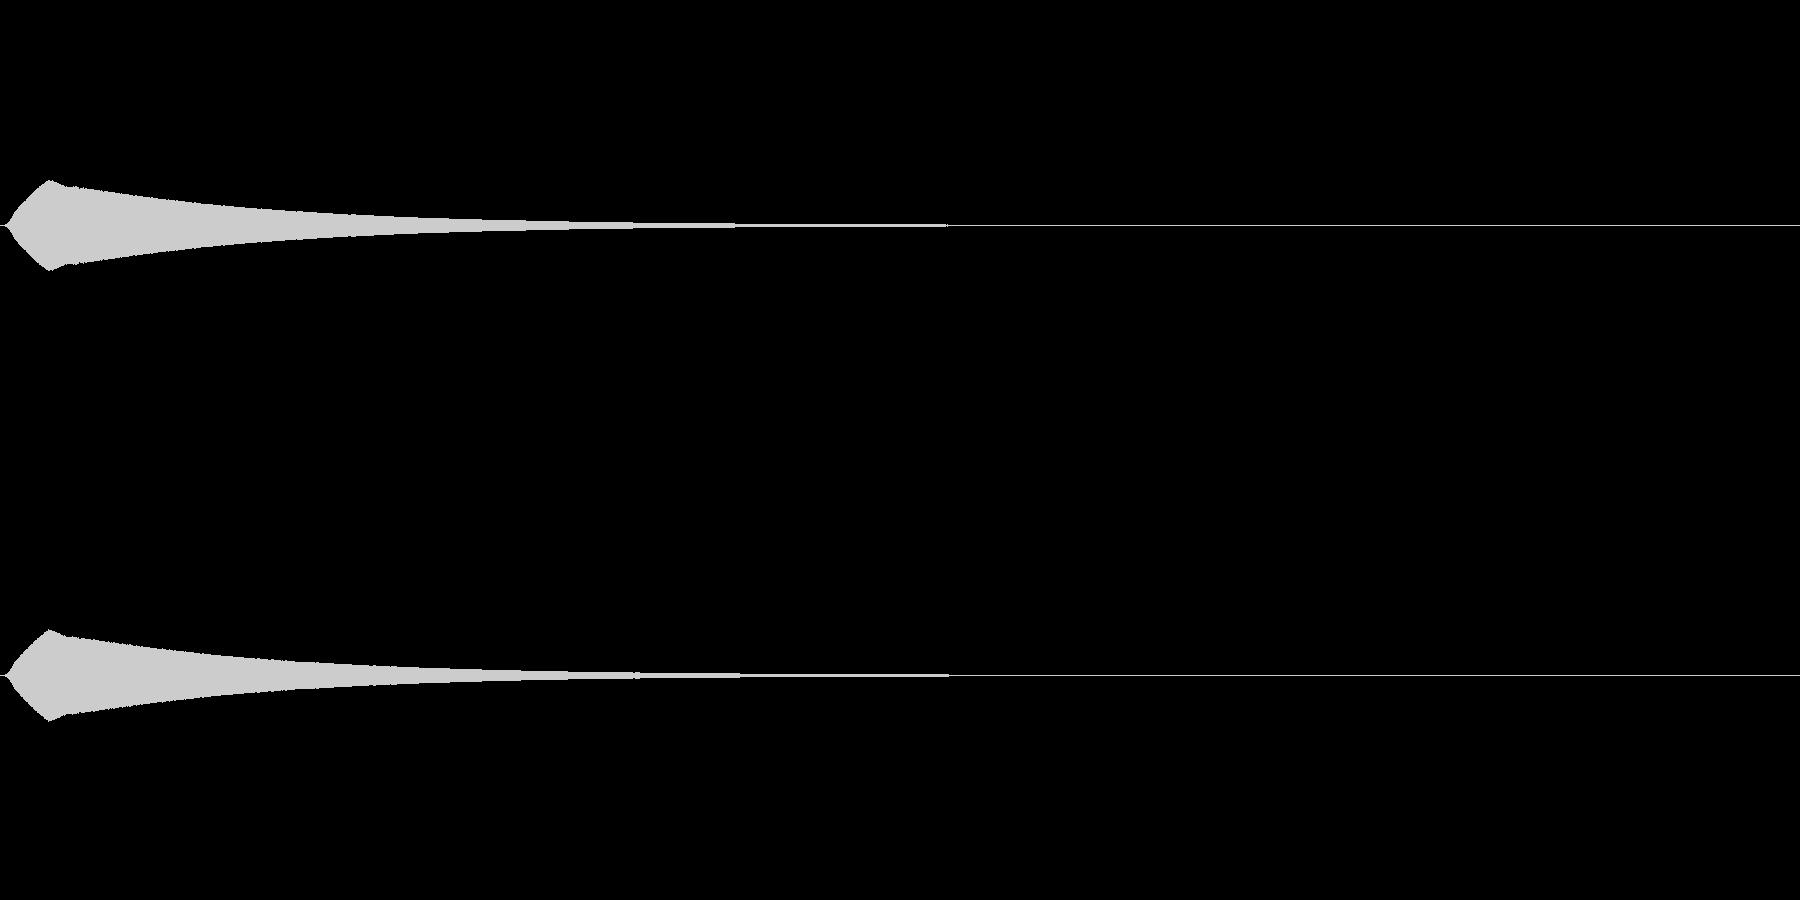 【ポップモーション31-3】の未再生の波形